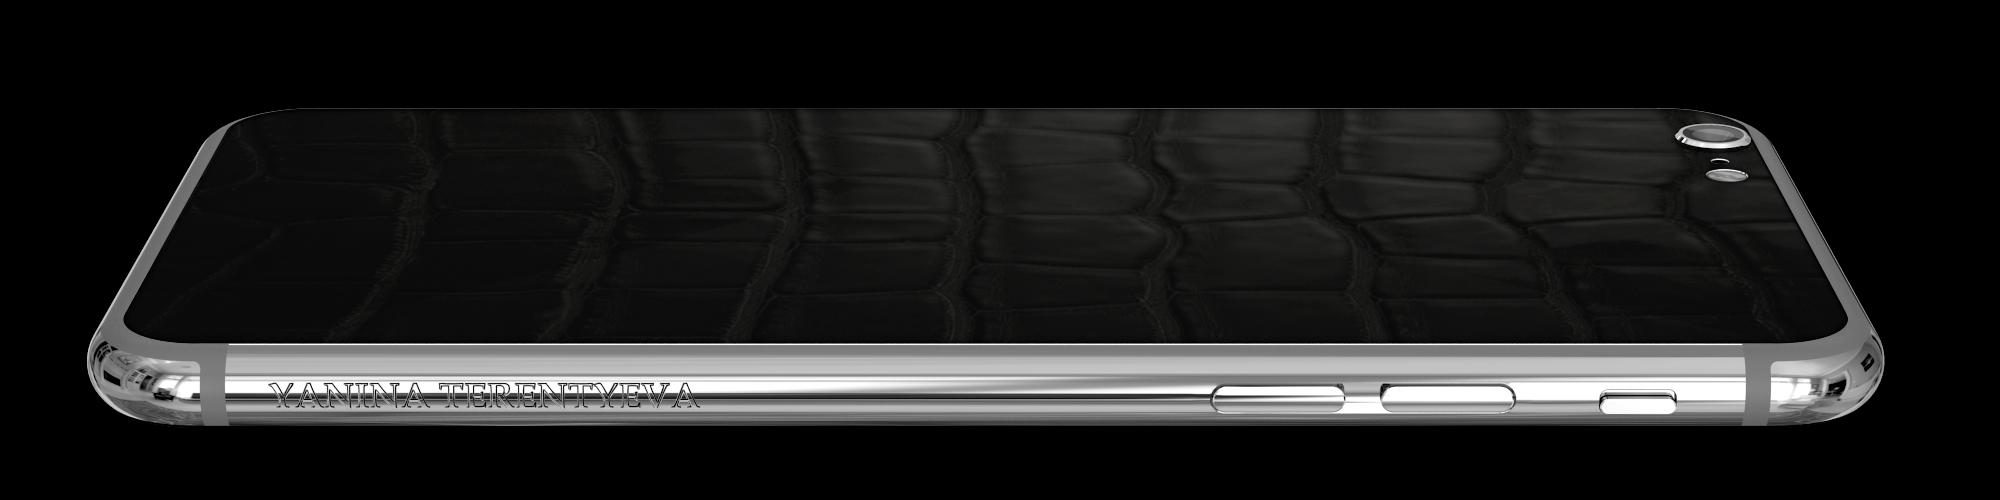 iPhone_6s_platinum_black_alligator